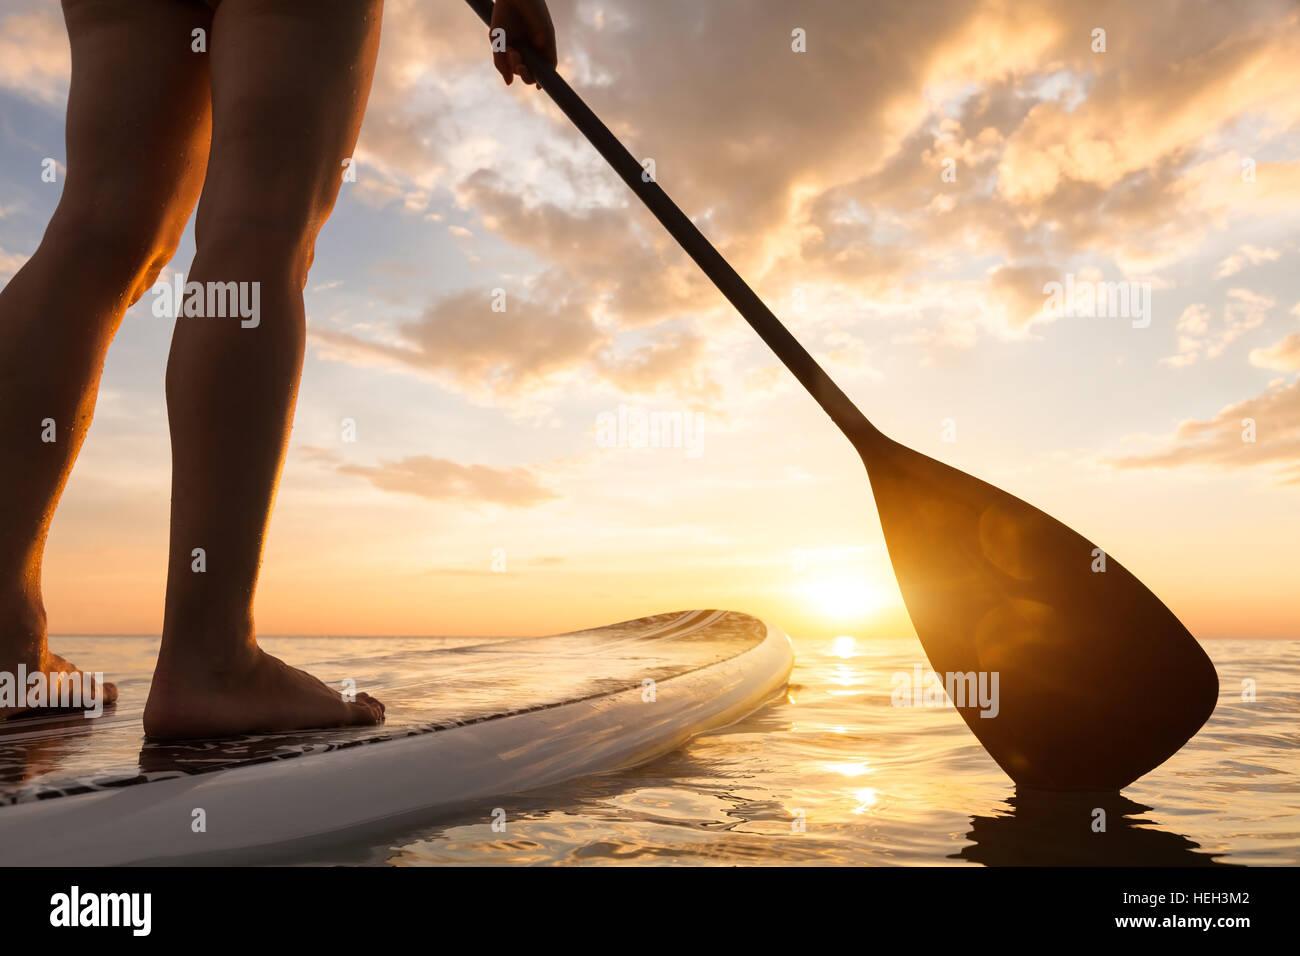 Stand Up Paddle sur une mer calme avec des couleurs d'été, au coucher du soleil de jambesBanque D'Images